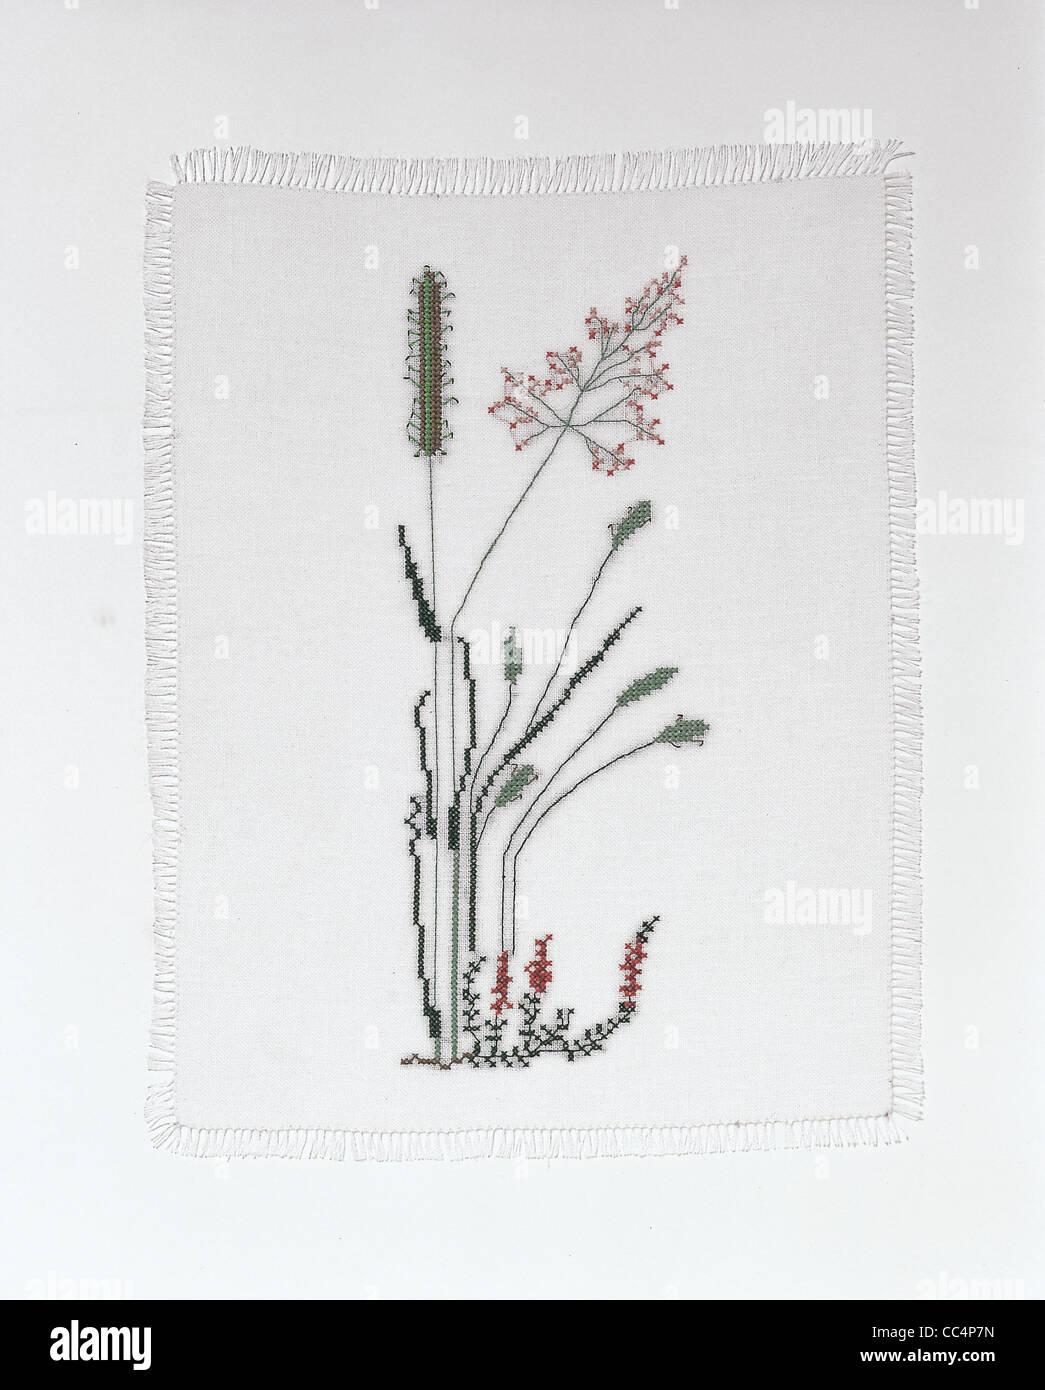 Il lavoro delle donne - Punto Croce: Centrino con disegno floreale Immagini Stock